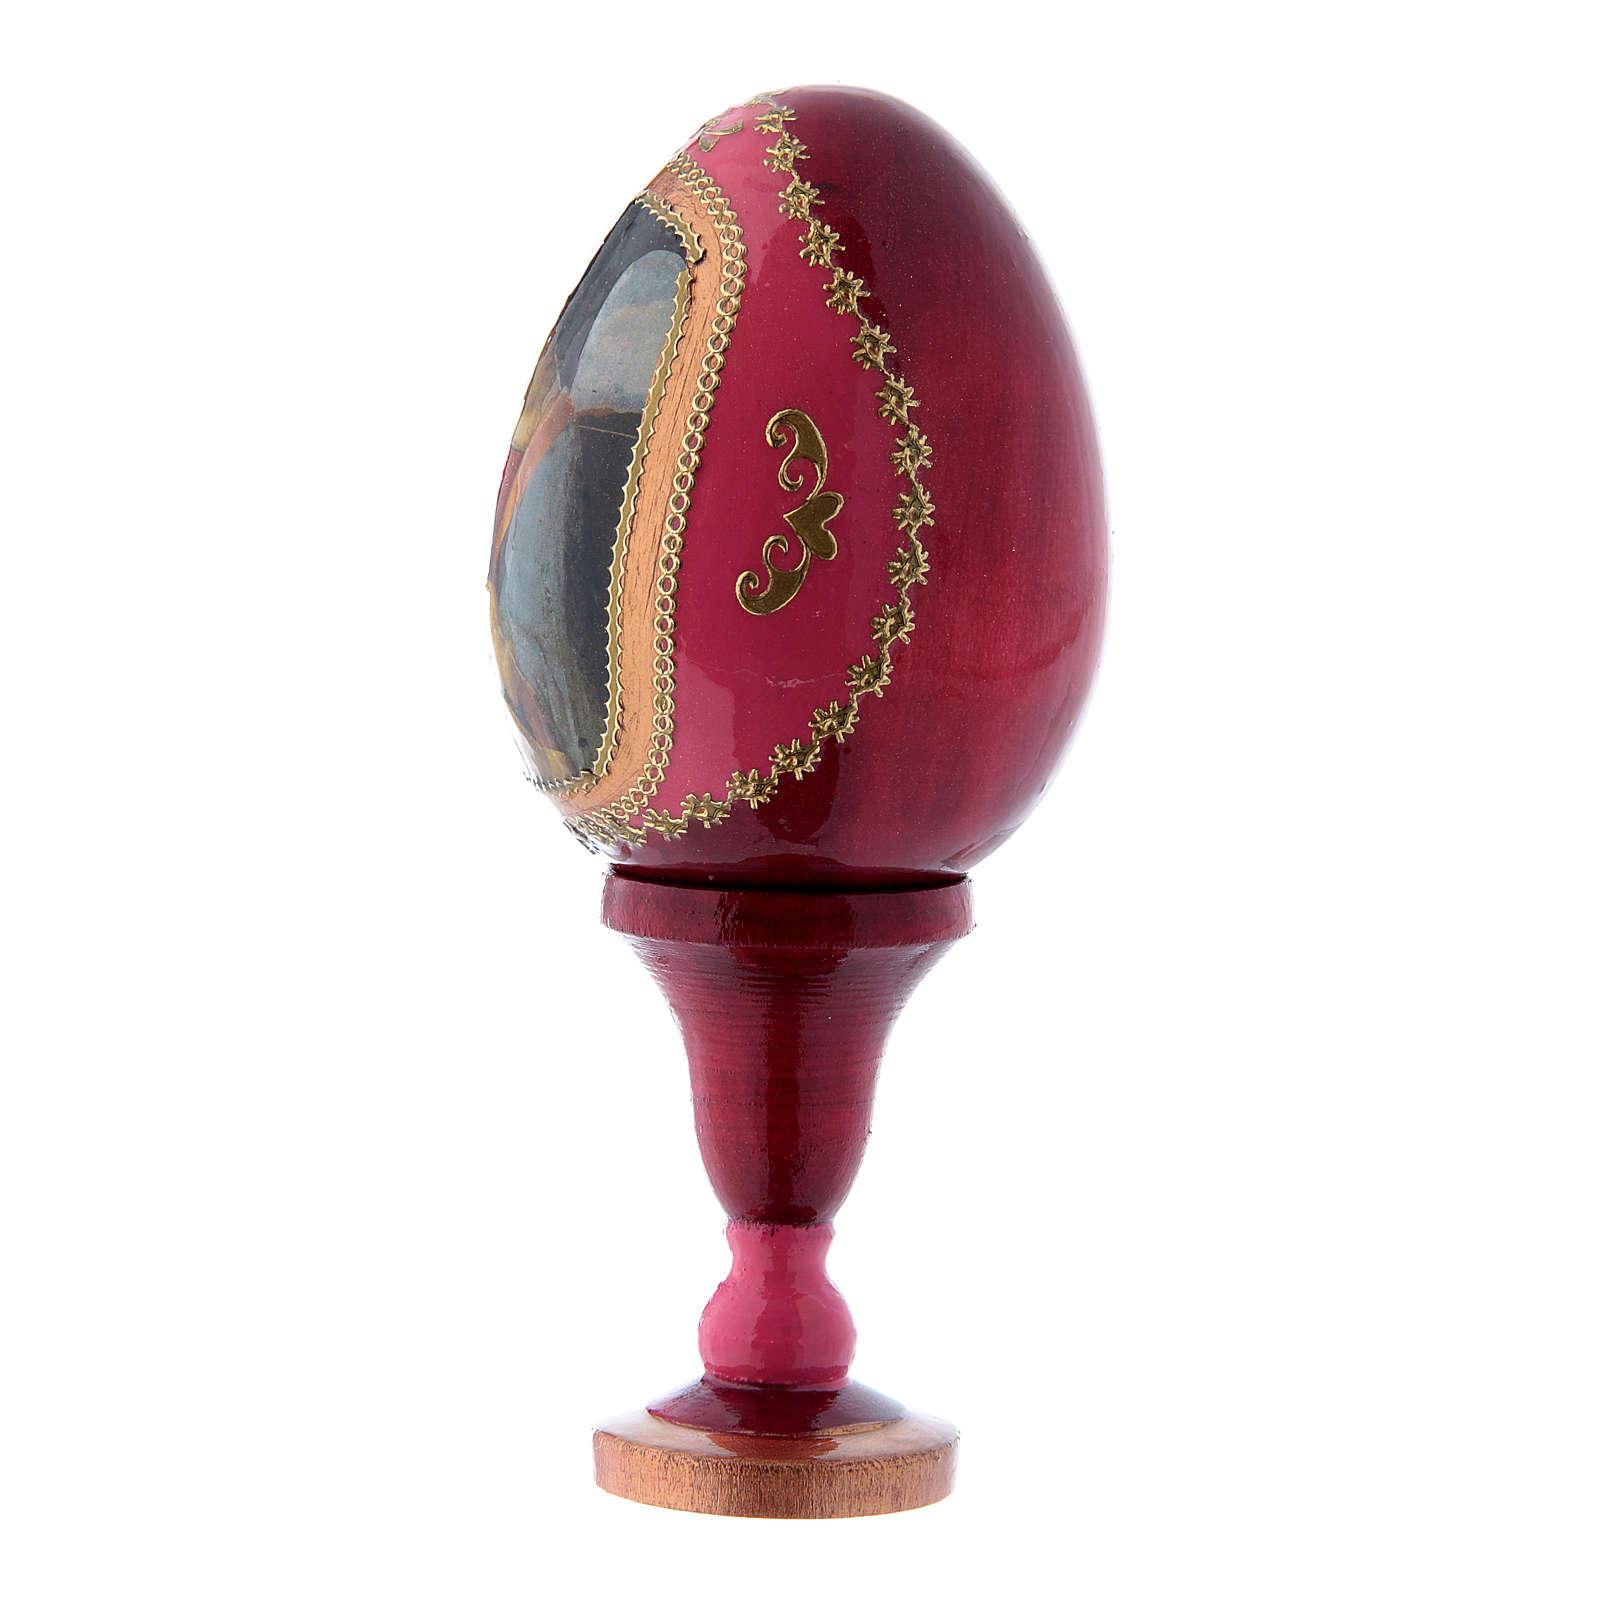 Huevo de madera decorado a mano rojo ruso La Virgen Litta h tot 13 cm 4